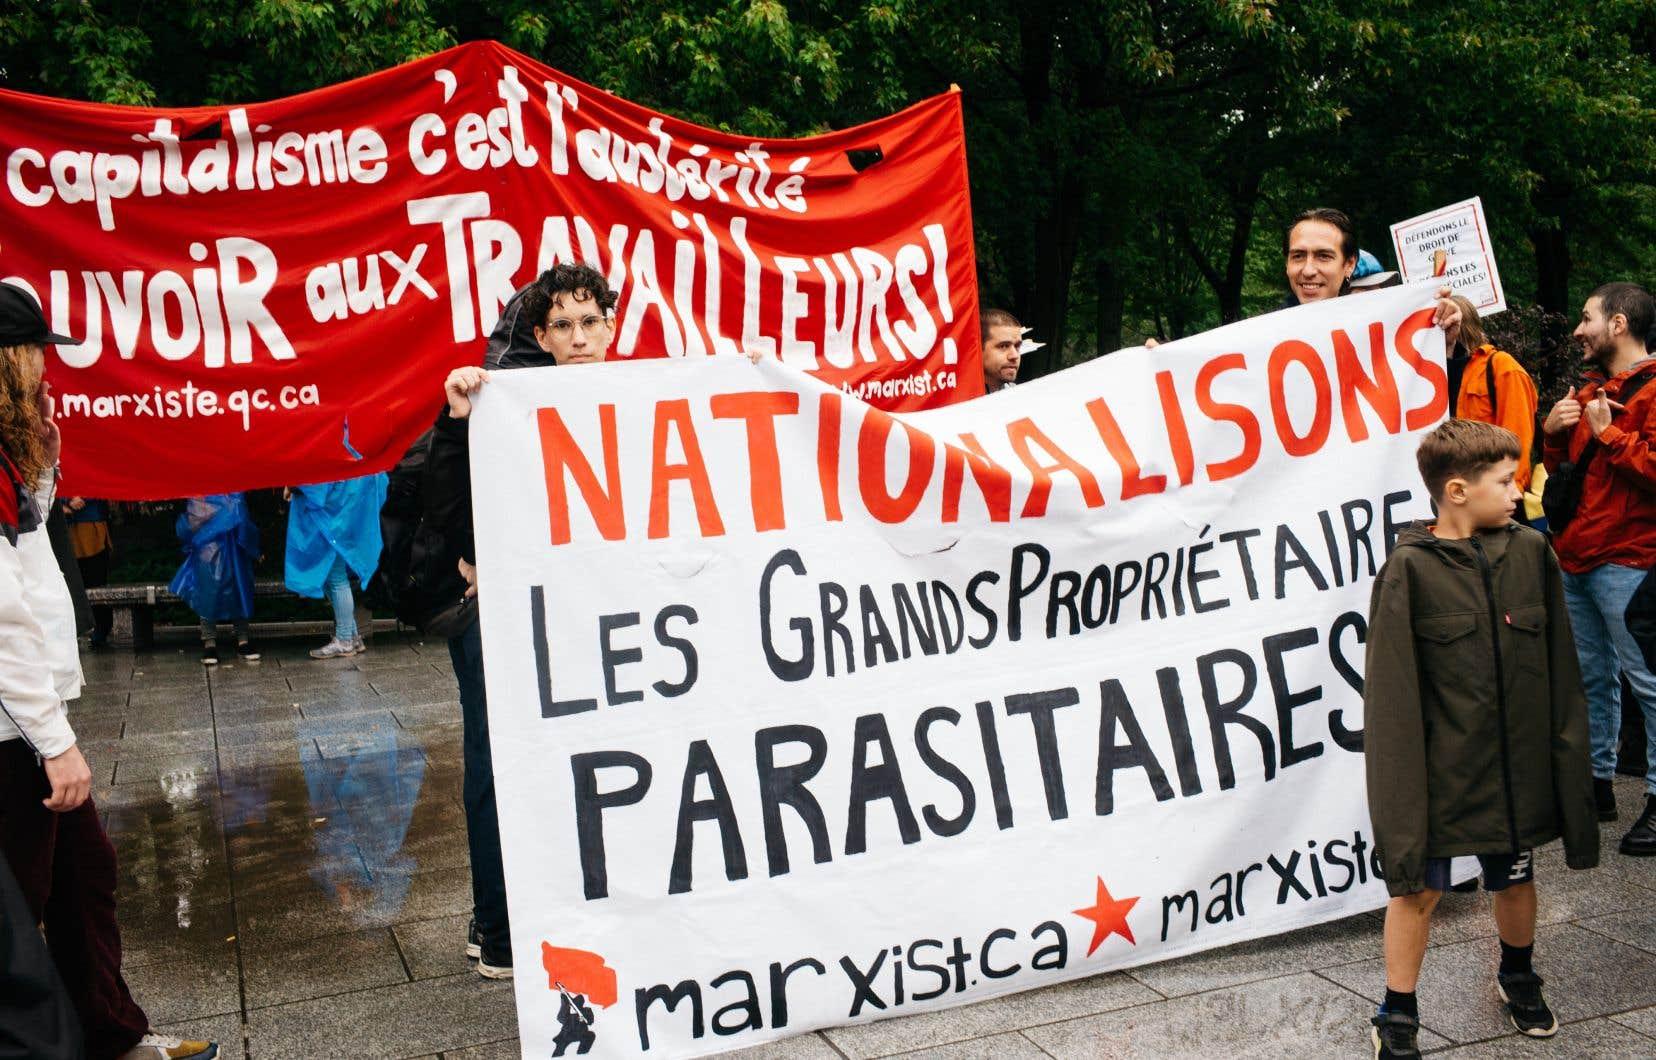 Armés de banderoles, des militants ont dénoncé ce qu'ils considèrent être des attaques contre les travailleurs.